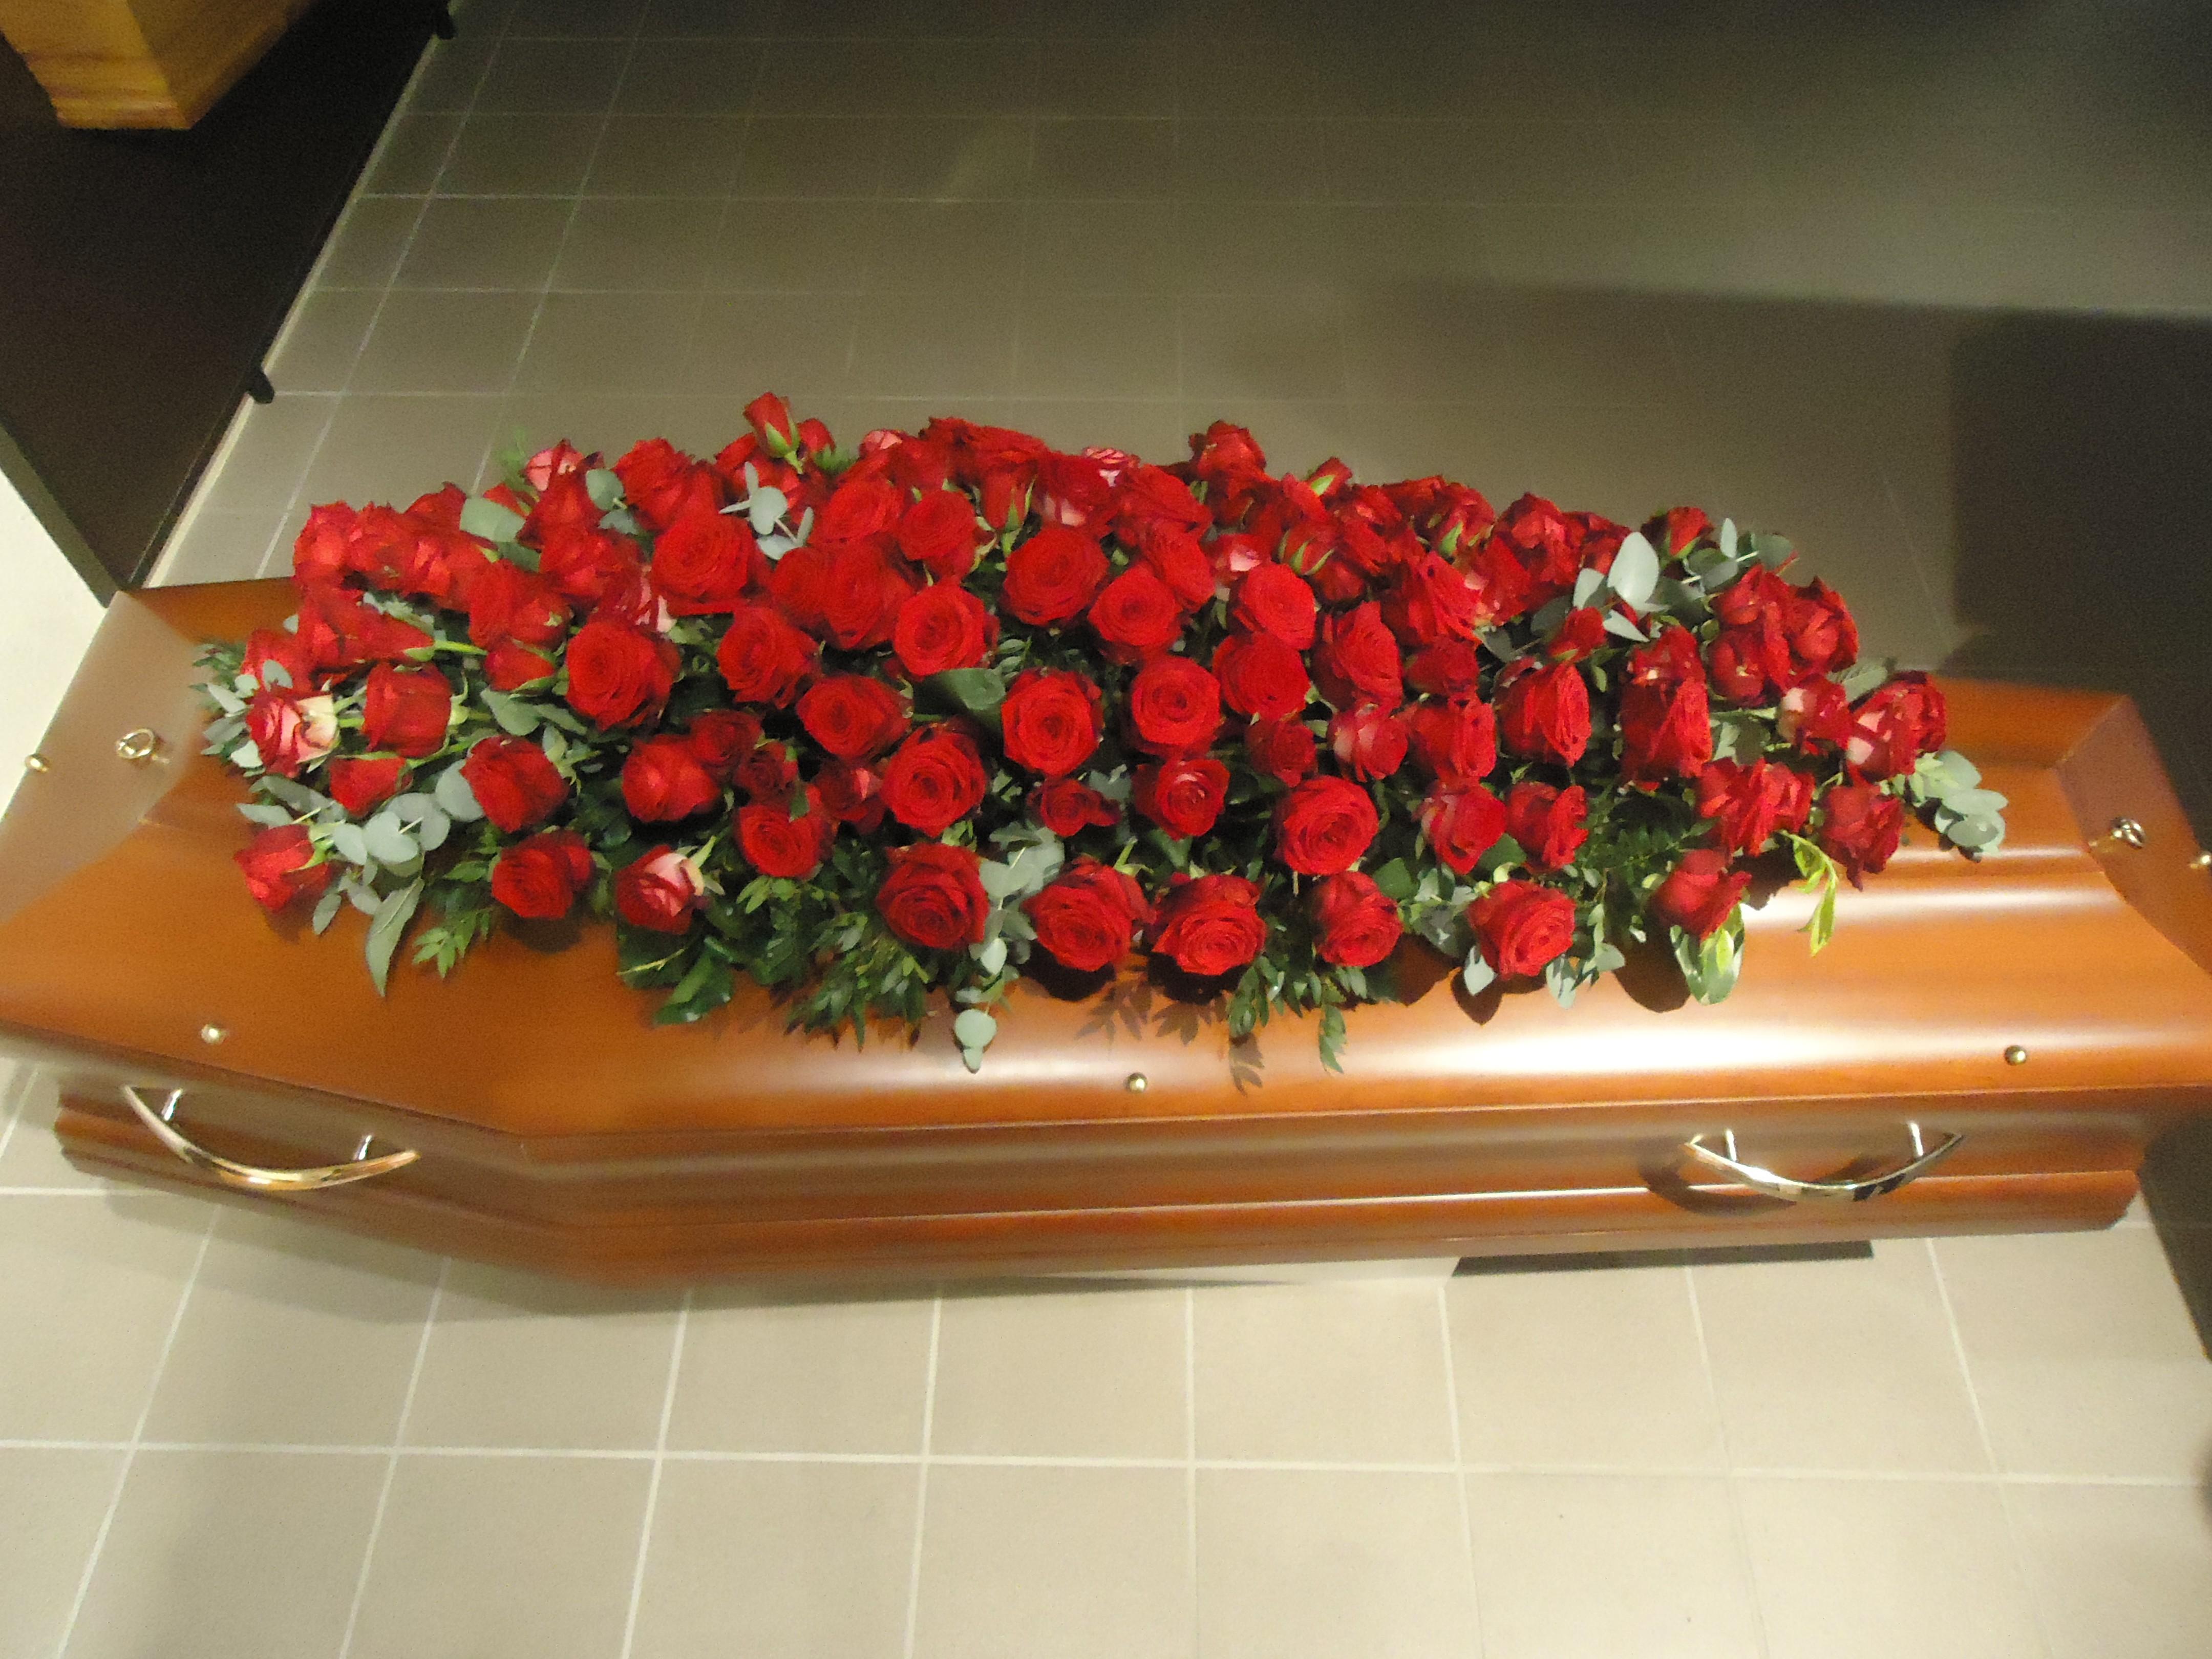 Dessus de cercueil dessus de cercueil en roses dessus de for Fermer la fenetre